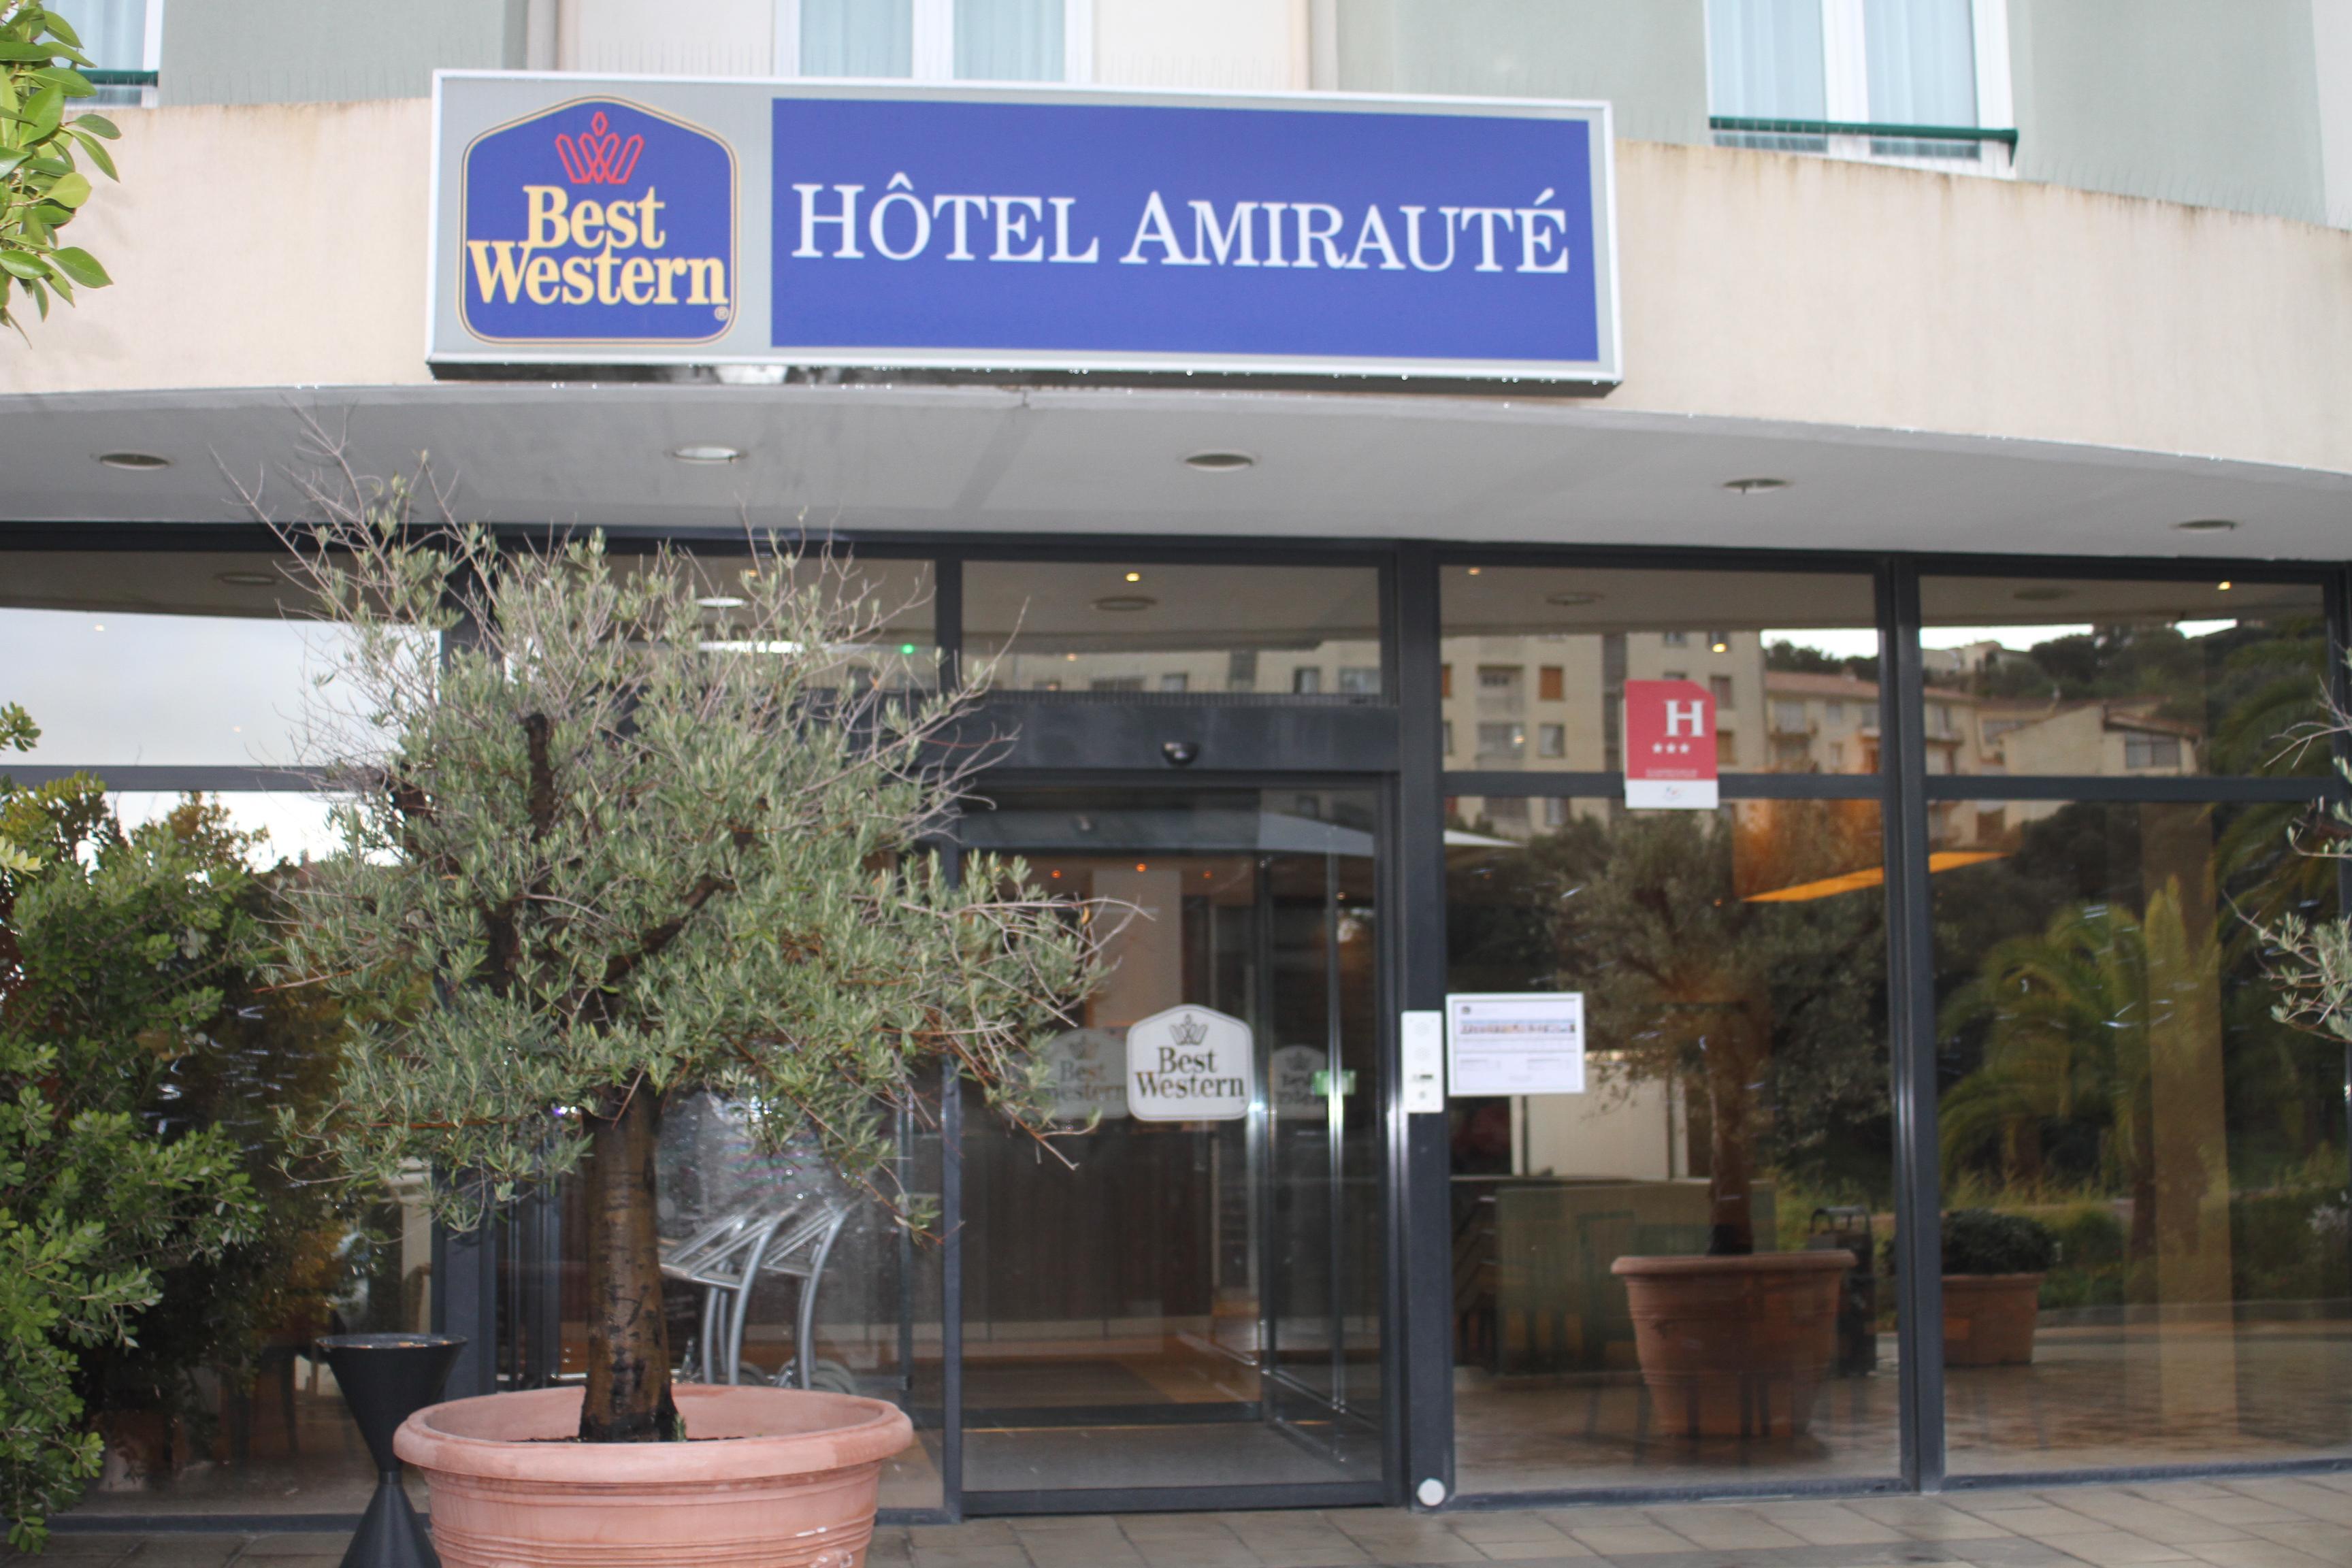 L'hôtel Best Western d'Ajaccio